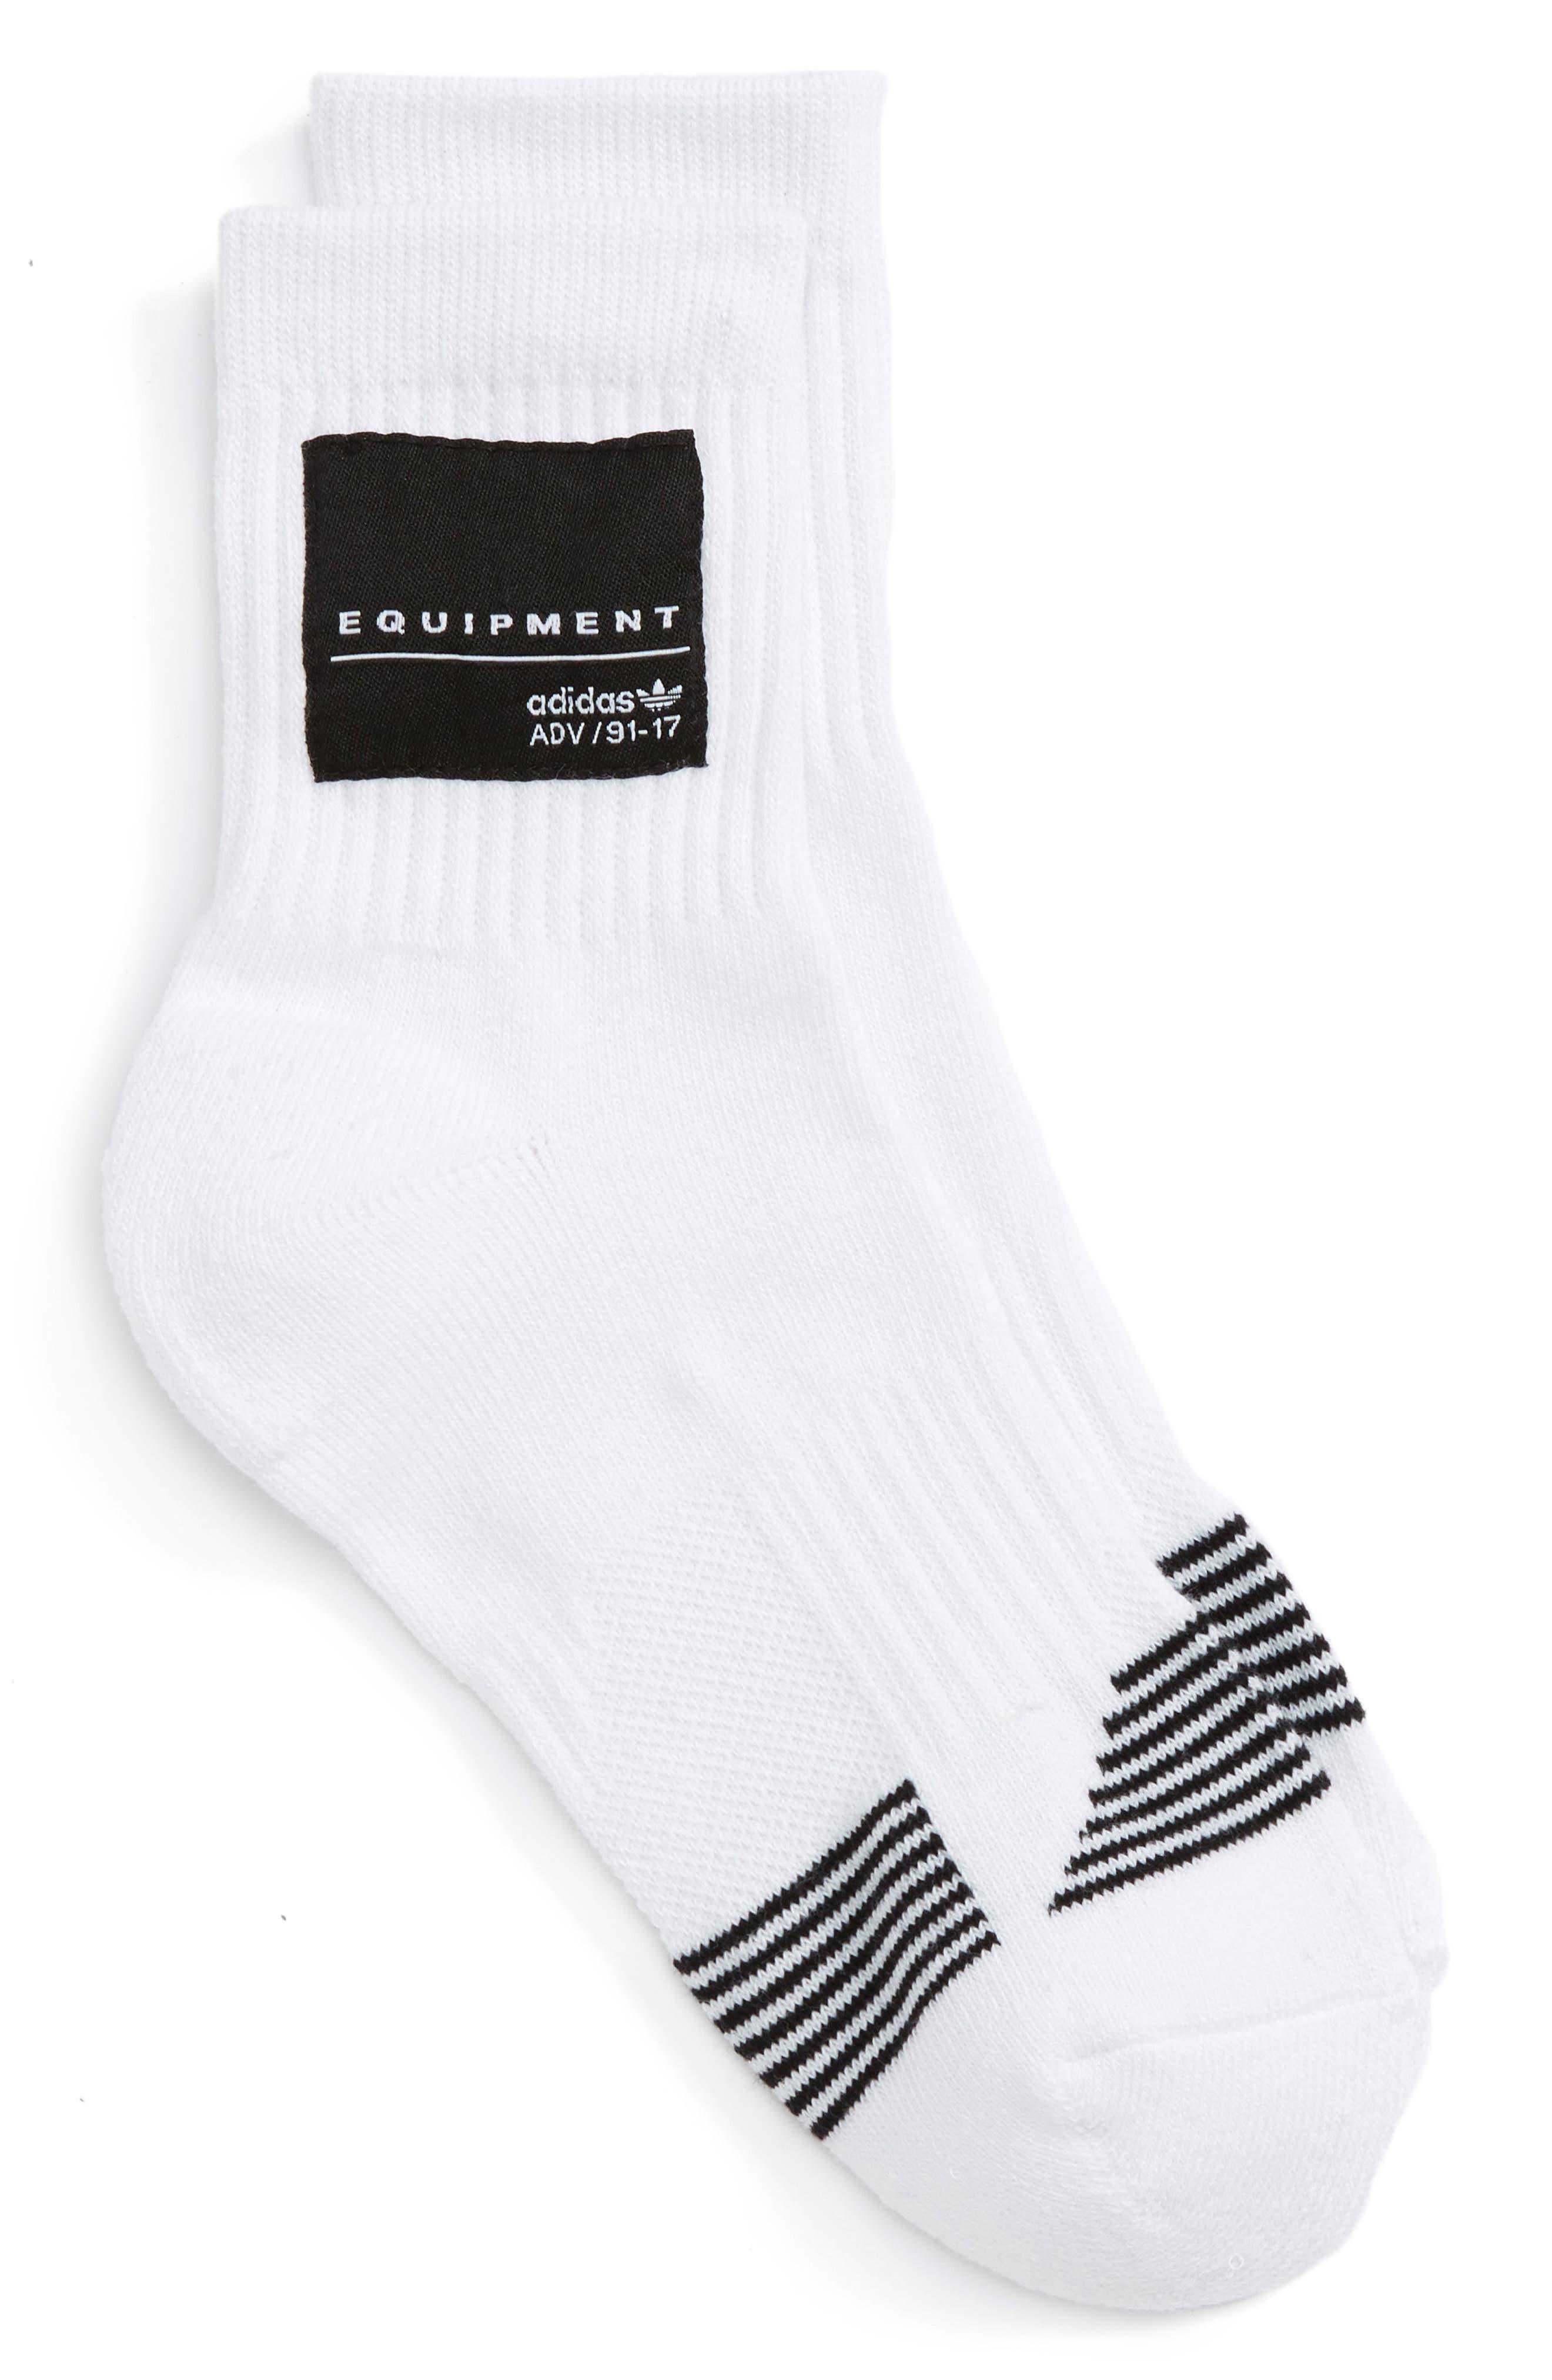 Equipment Crew Socks,                         Main,                         color, White/ Black